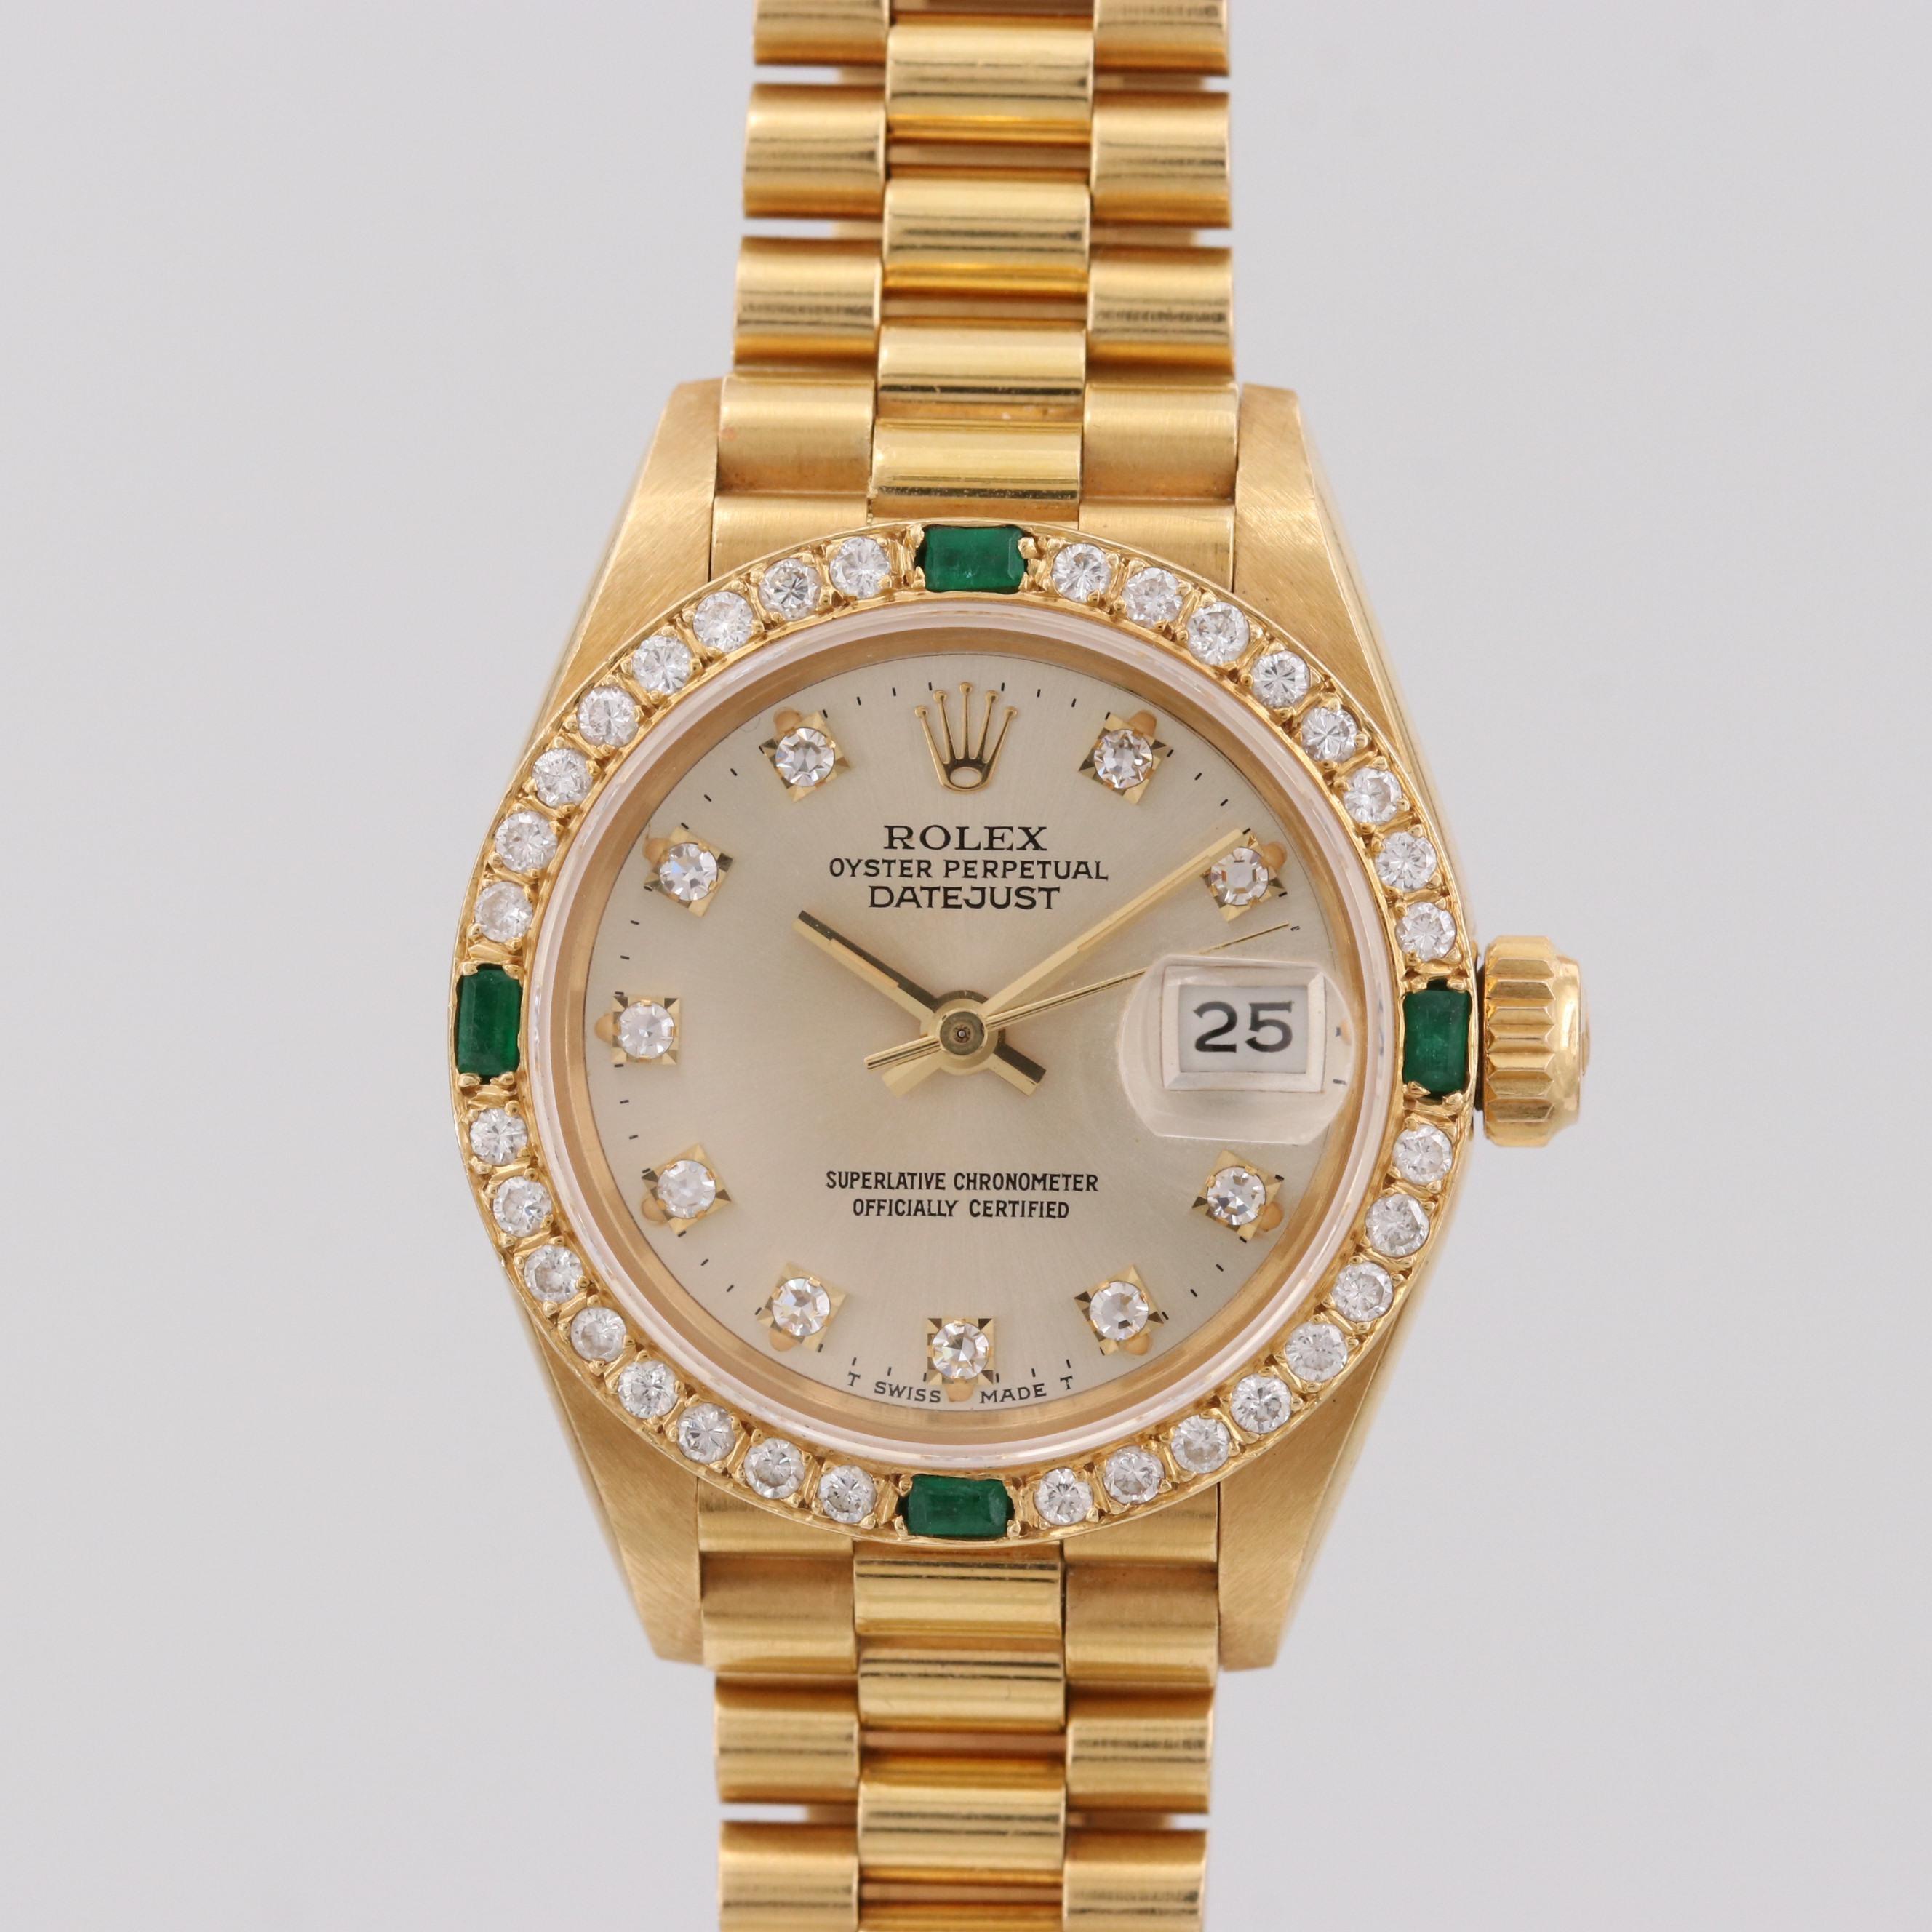 Rolex Datejust 18K Yellow Gold, Diamond and Emerald Automatic Wristwatch, 1986